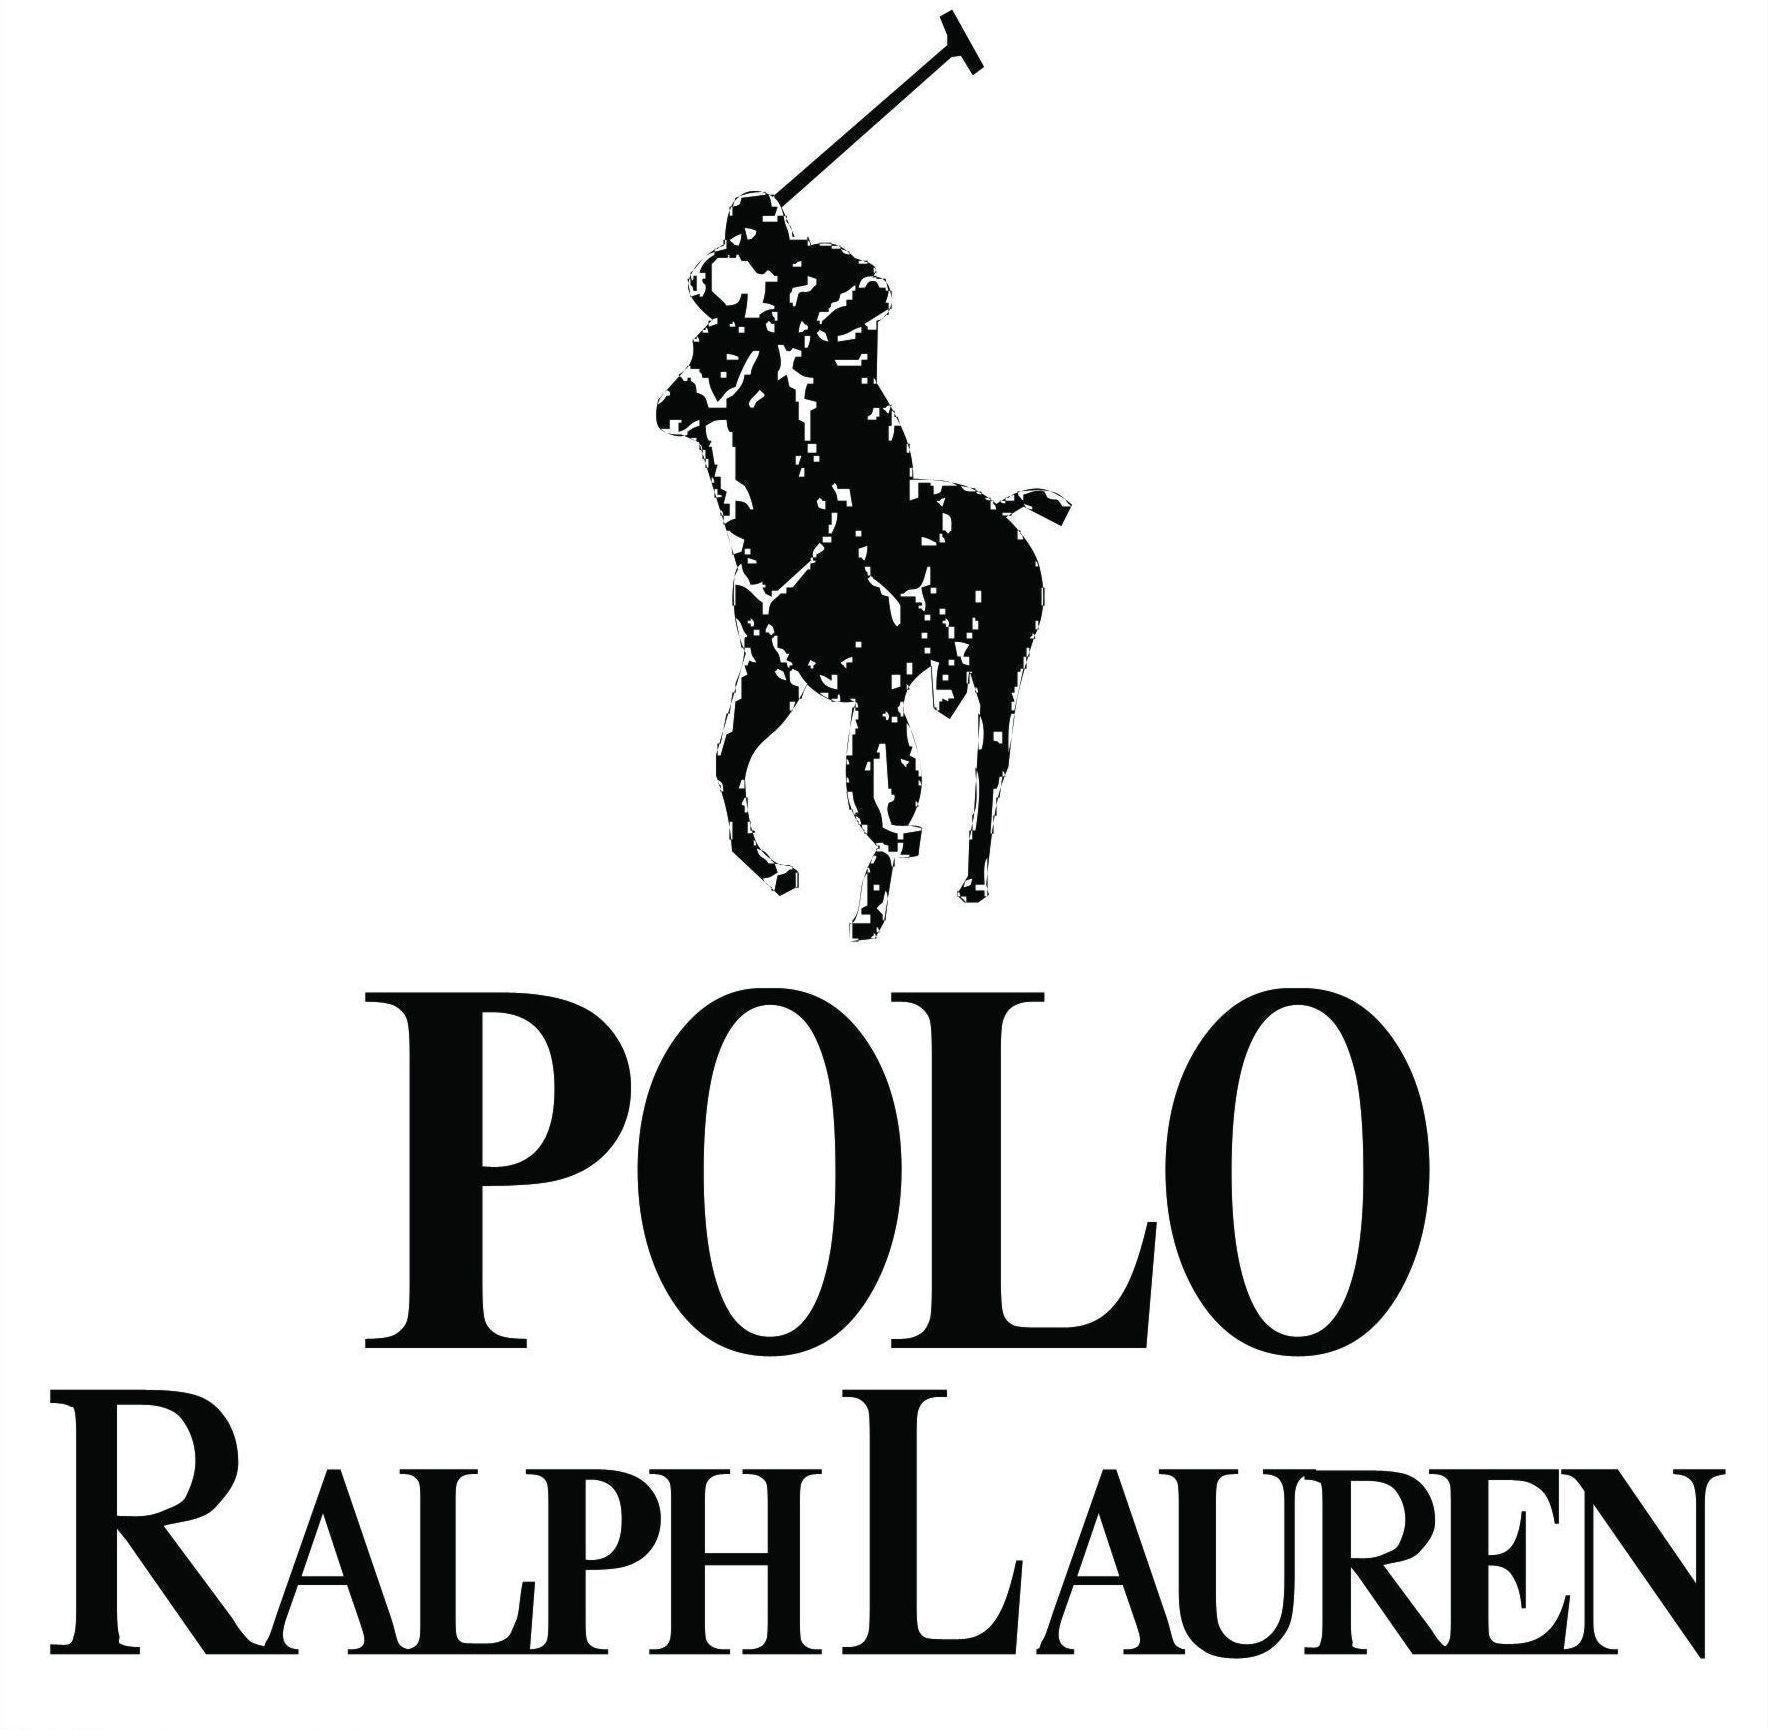 Logo Ralph Lauren histoire image de symbole et emblème